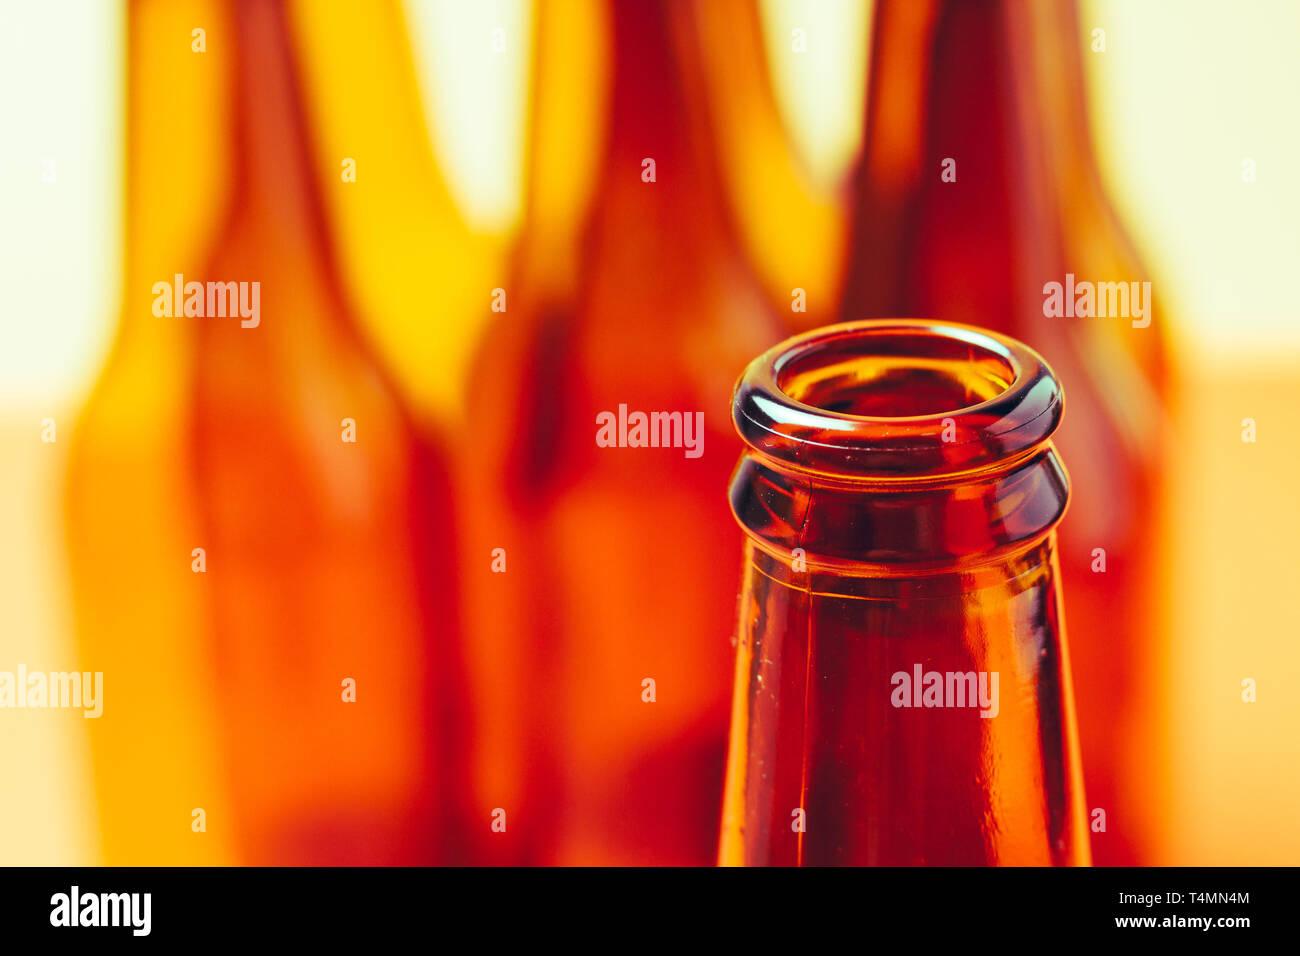 brown glass bottles for advertising still lifes - Stock Image